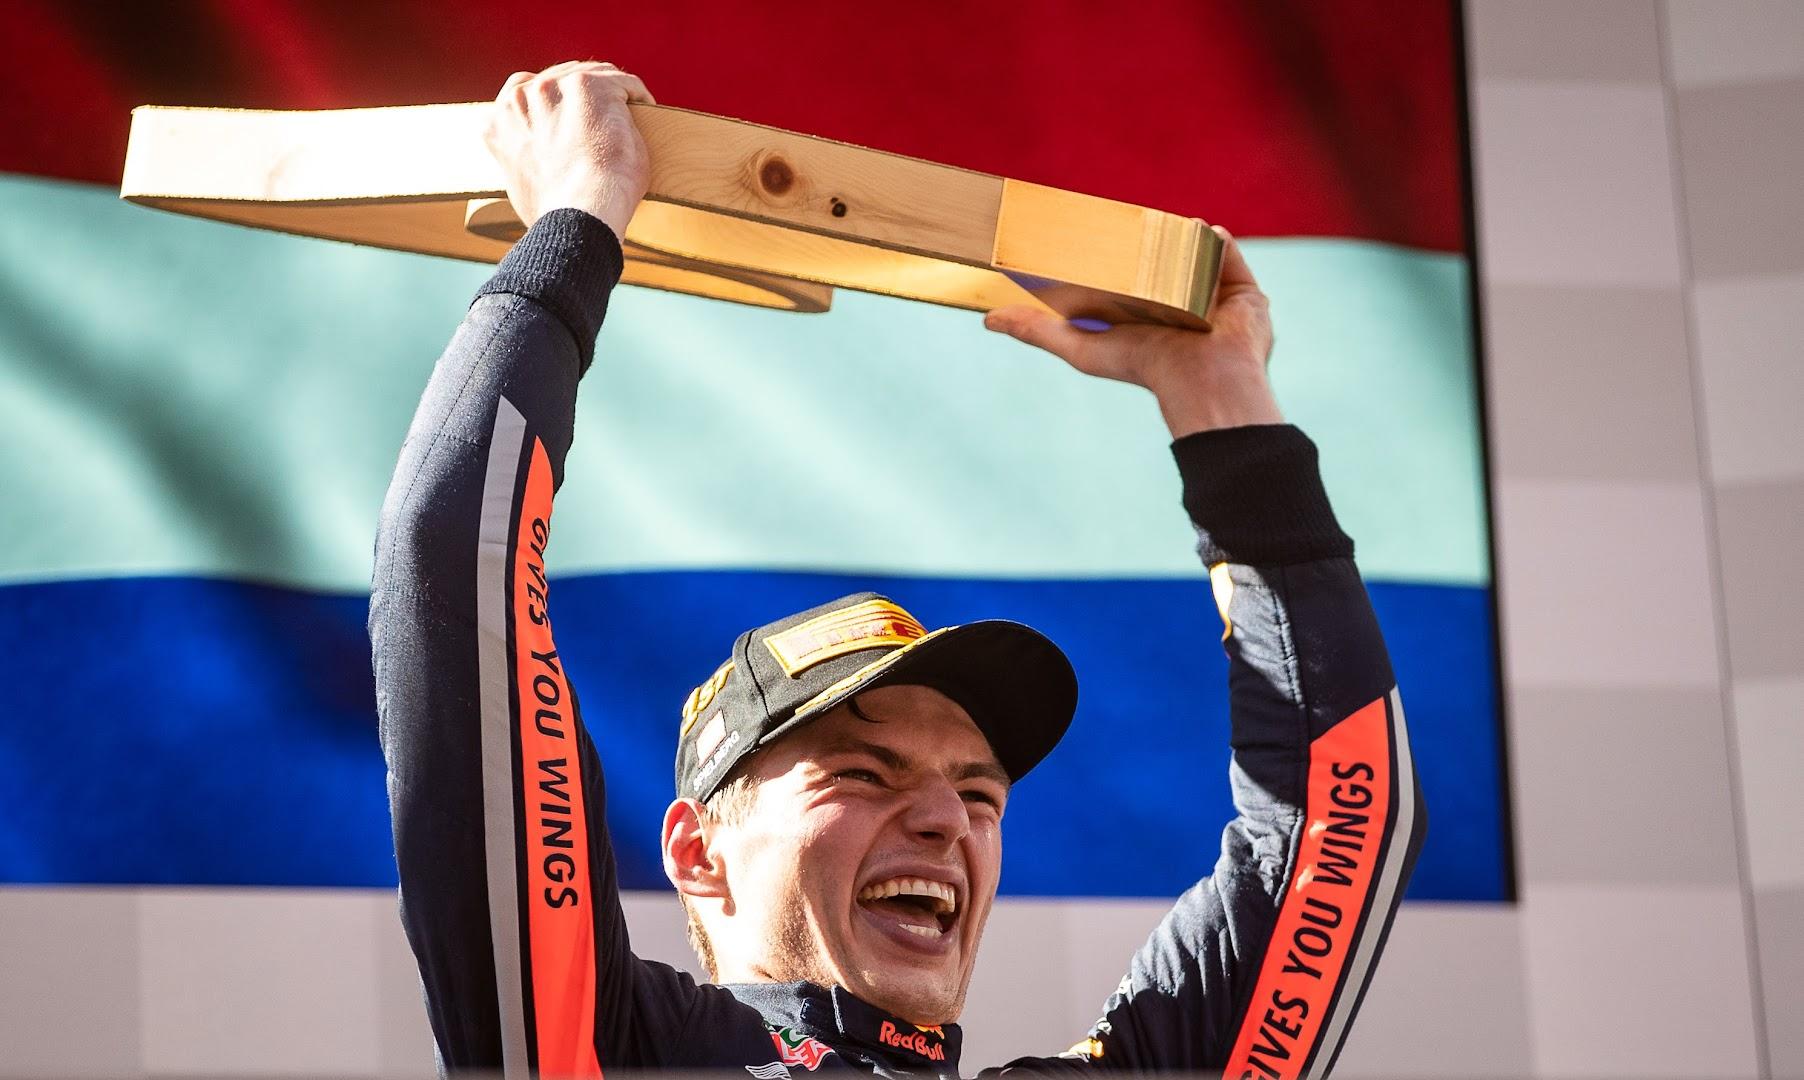 F1第9戦オーストリアGP優勝のフェルスタッペン、トロフィーを天高く掲げる